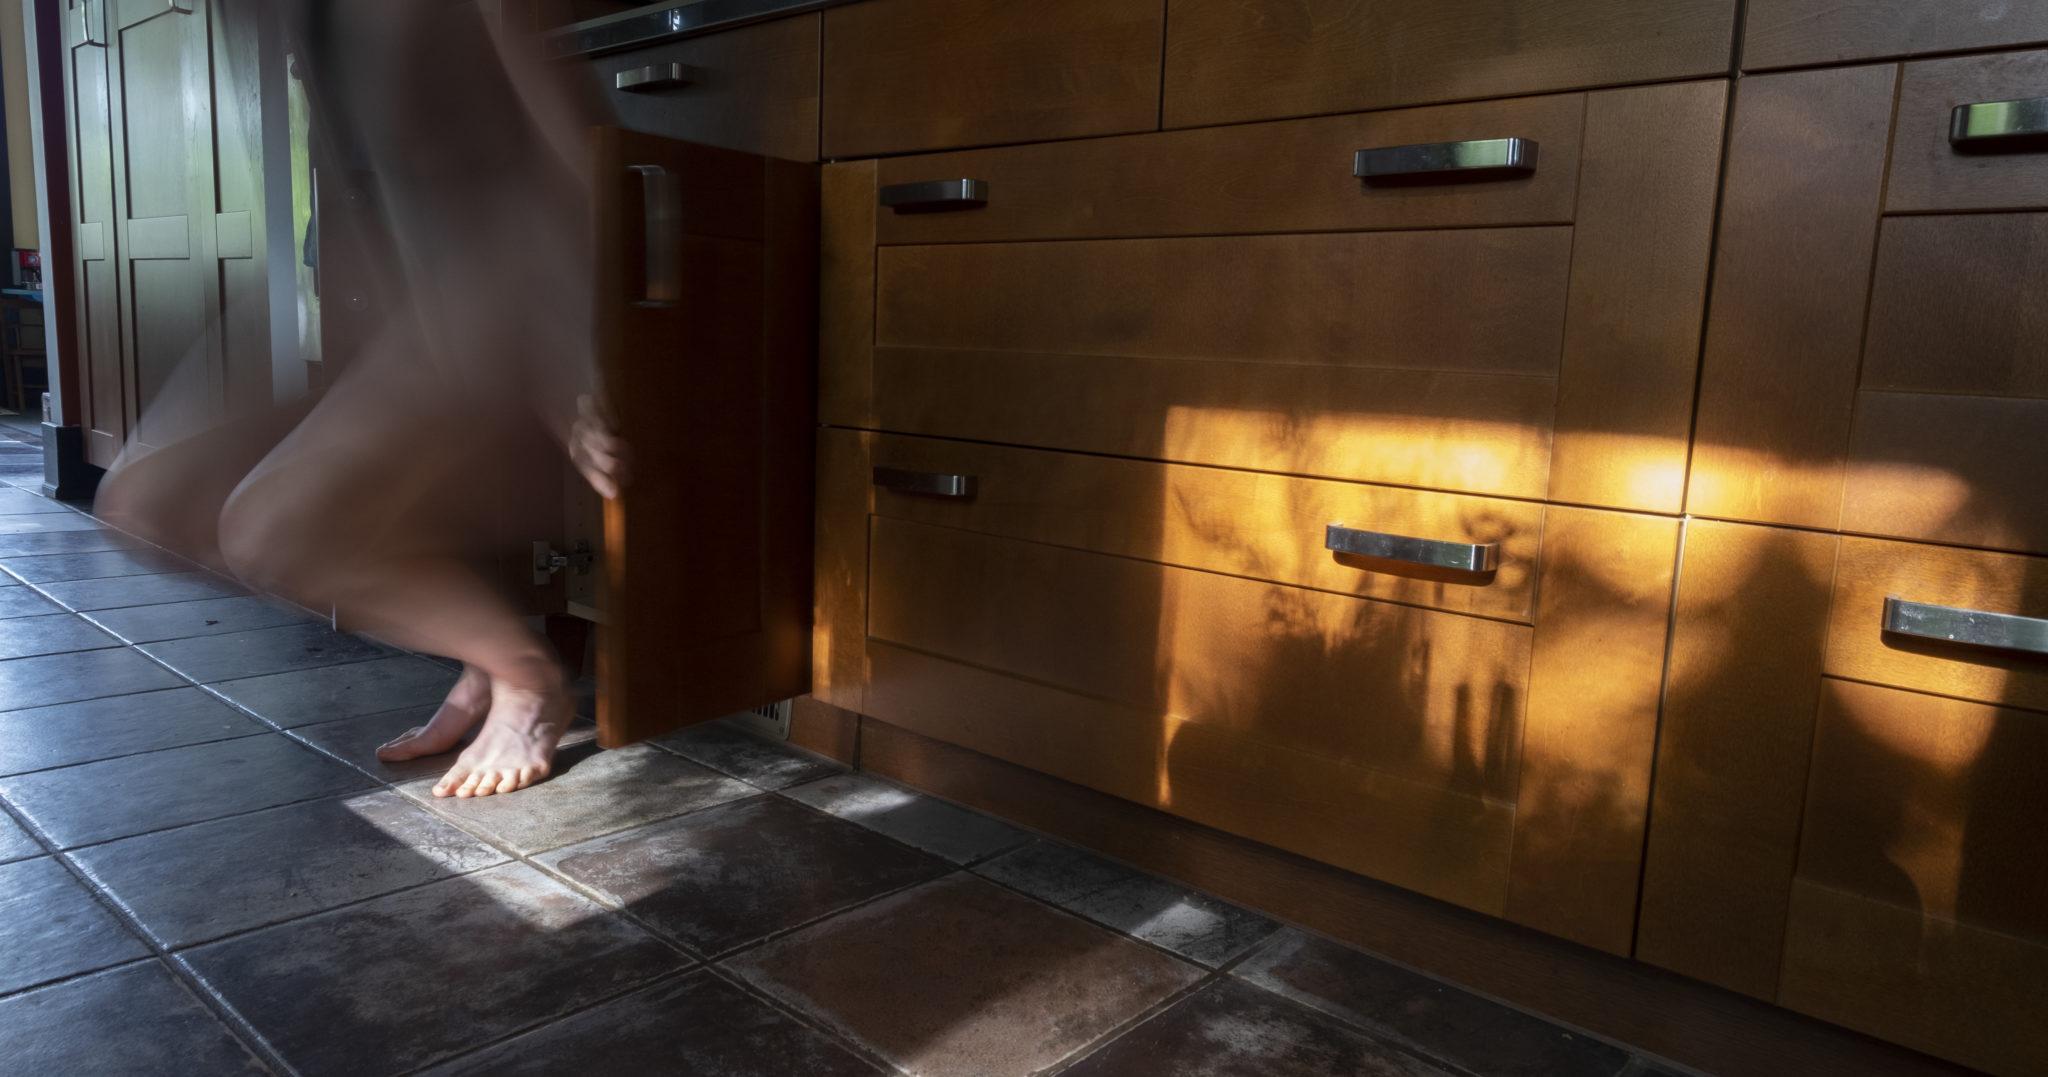 Week 7: <em>Kitchen</em>, Alyssa Coffin, May 24, 2020